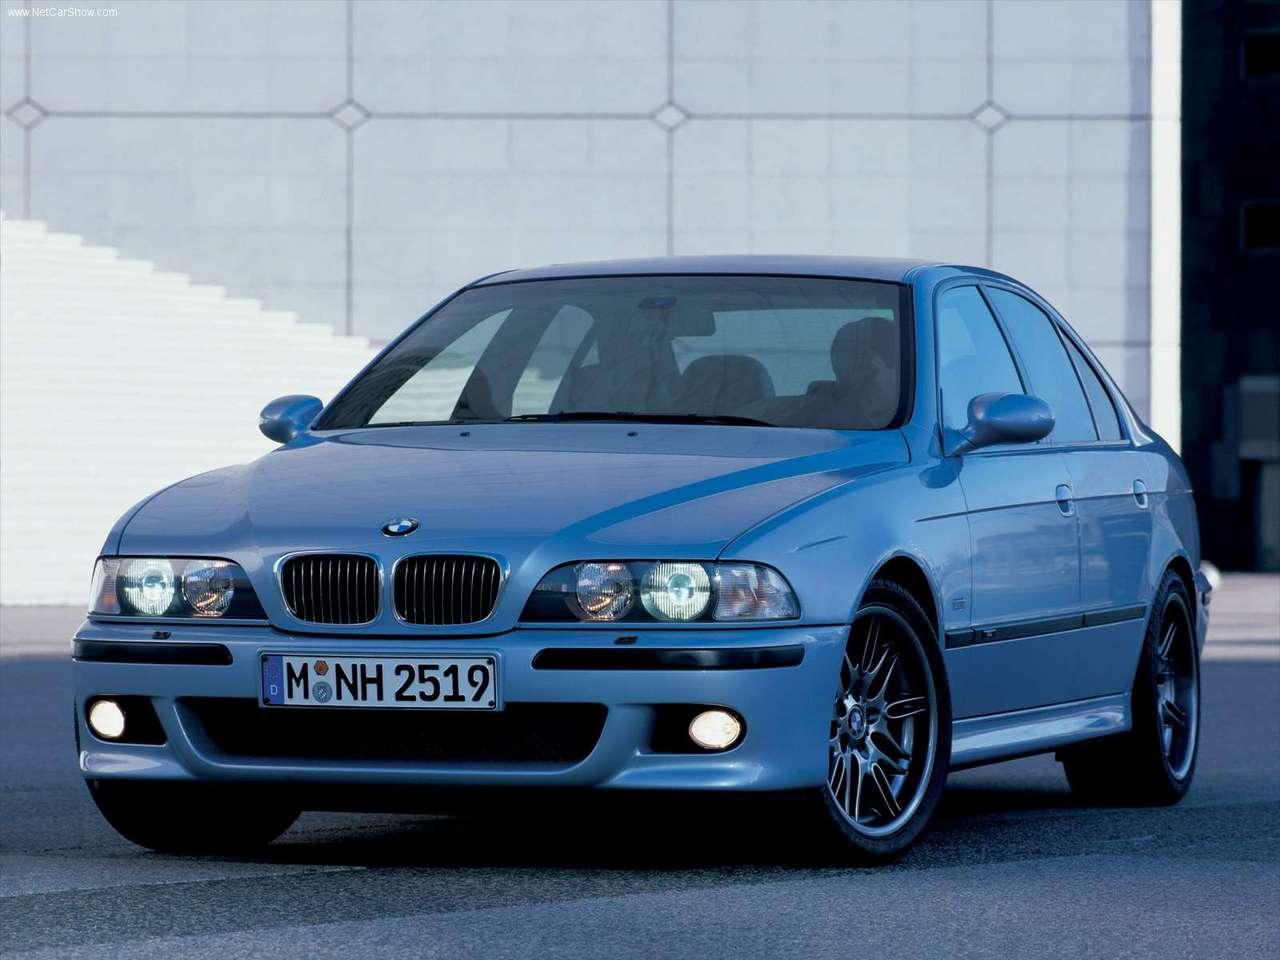 http://1.bp.blogspot.com/_vPMjJG-enrk/TBSonX49vWI/AAAAAAAADCk/aPeb9Qskt7g/s1600/BMW-M5_2001_1280x960_wallpaper_02.jpg